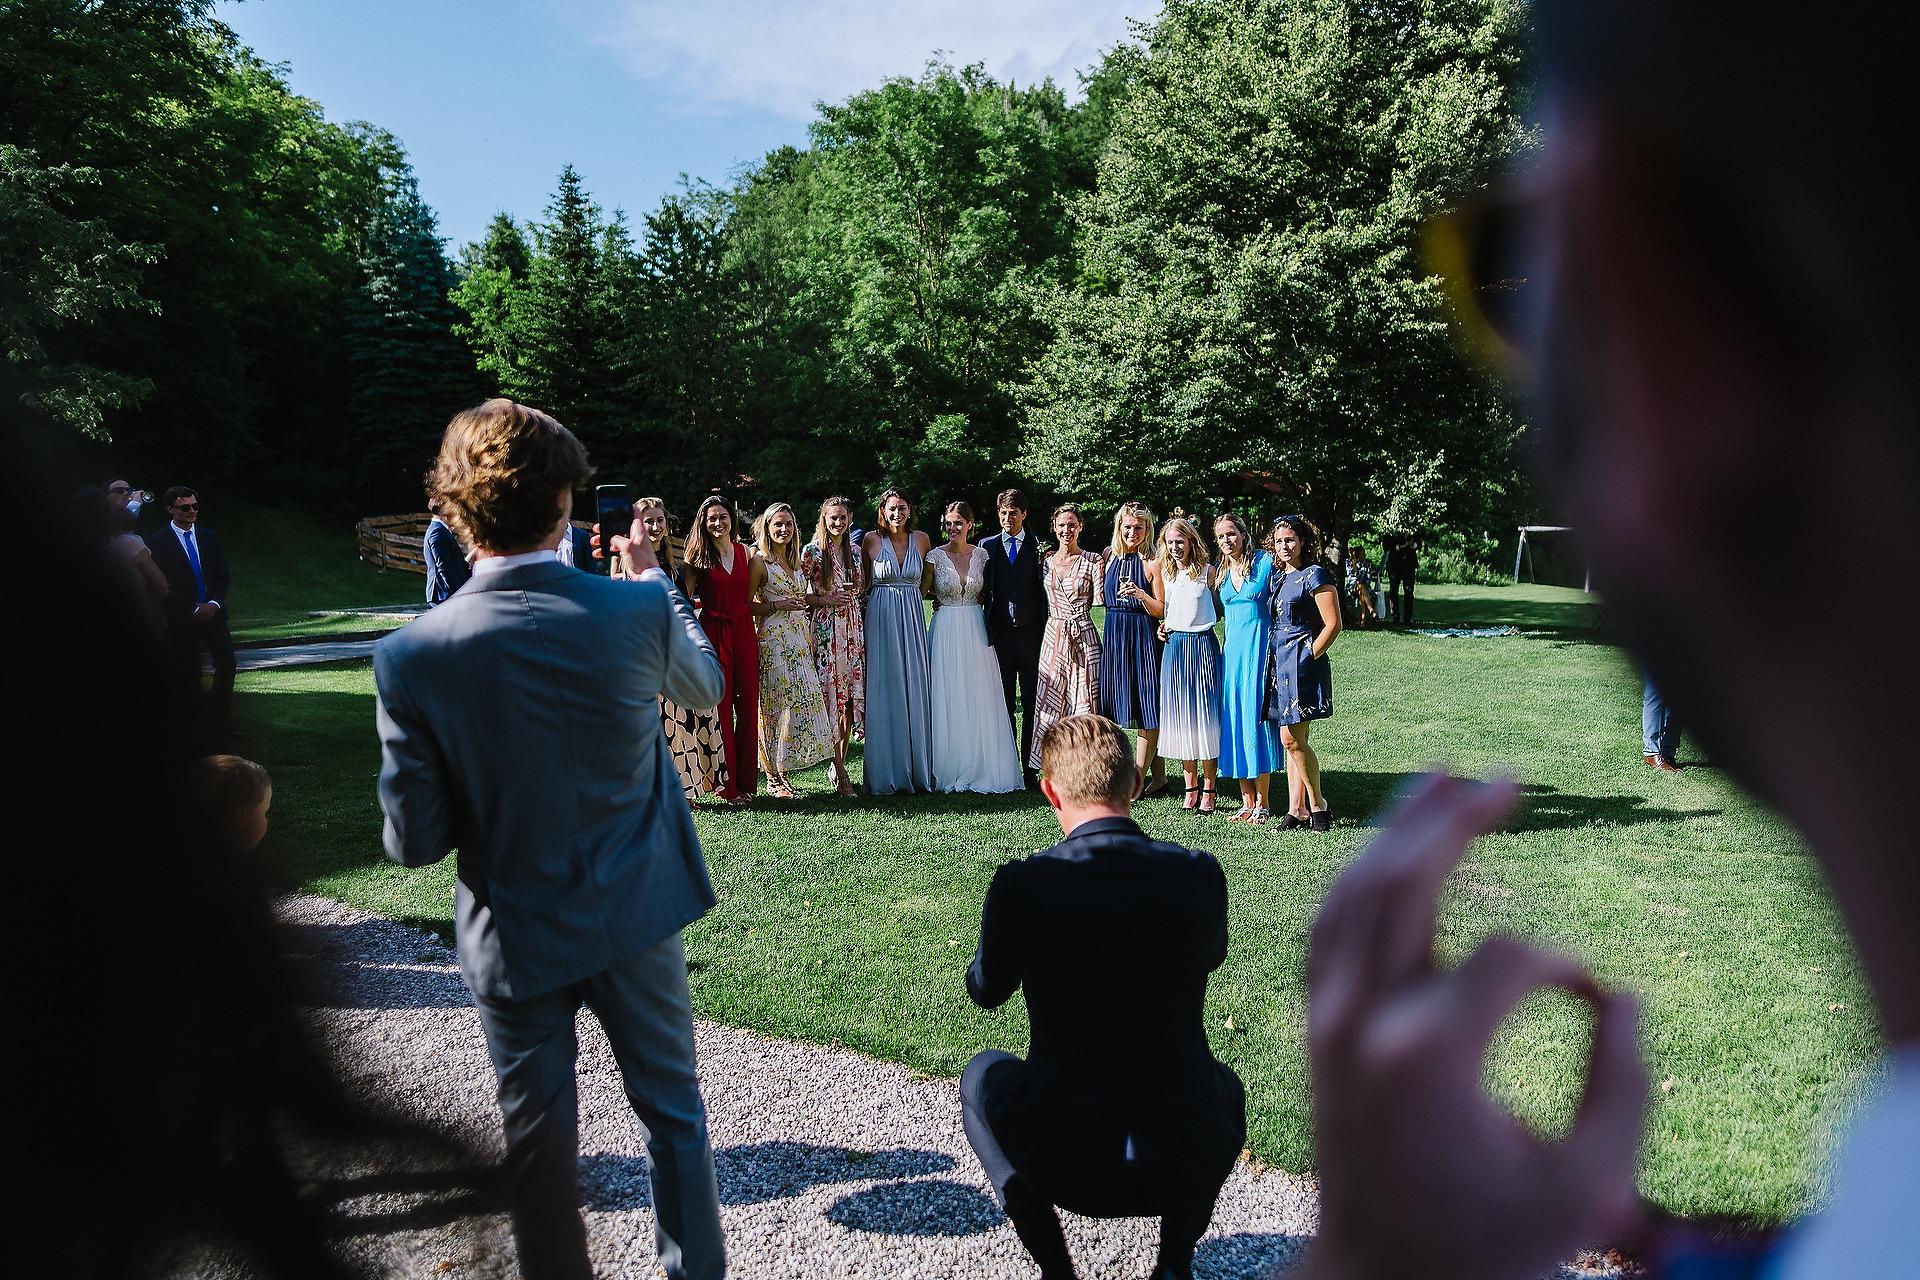 Fotograf Konstanz - Hochzeitsreportage Freiburg Hofgut Lilienhof Hochzeit Fotograf Konstanz 63 - Hochzeit in Freiburg und Hofgut Lilienhof  - 157 -